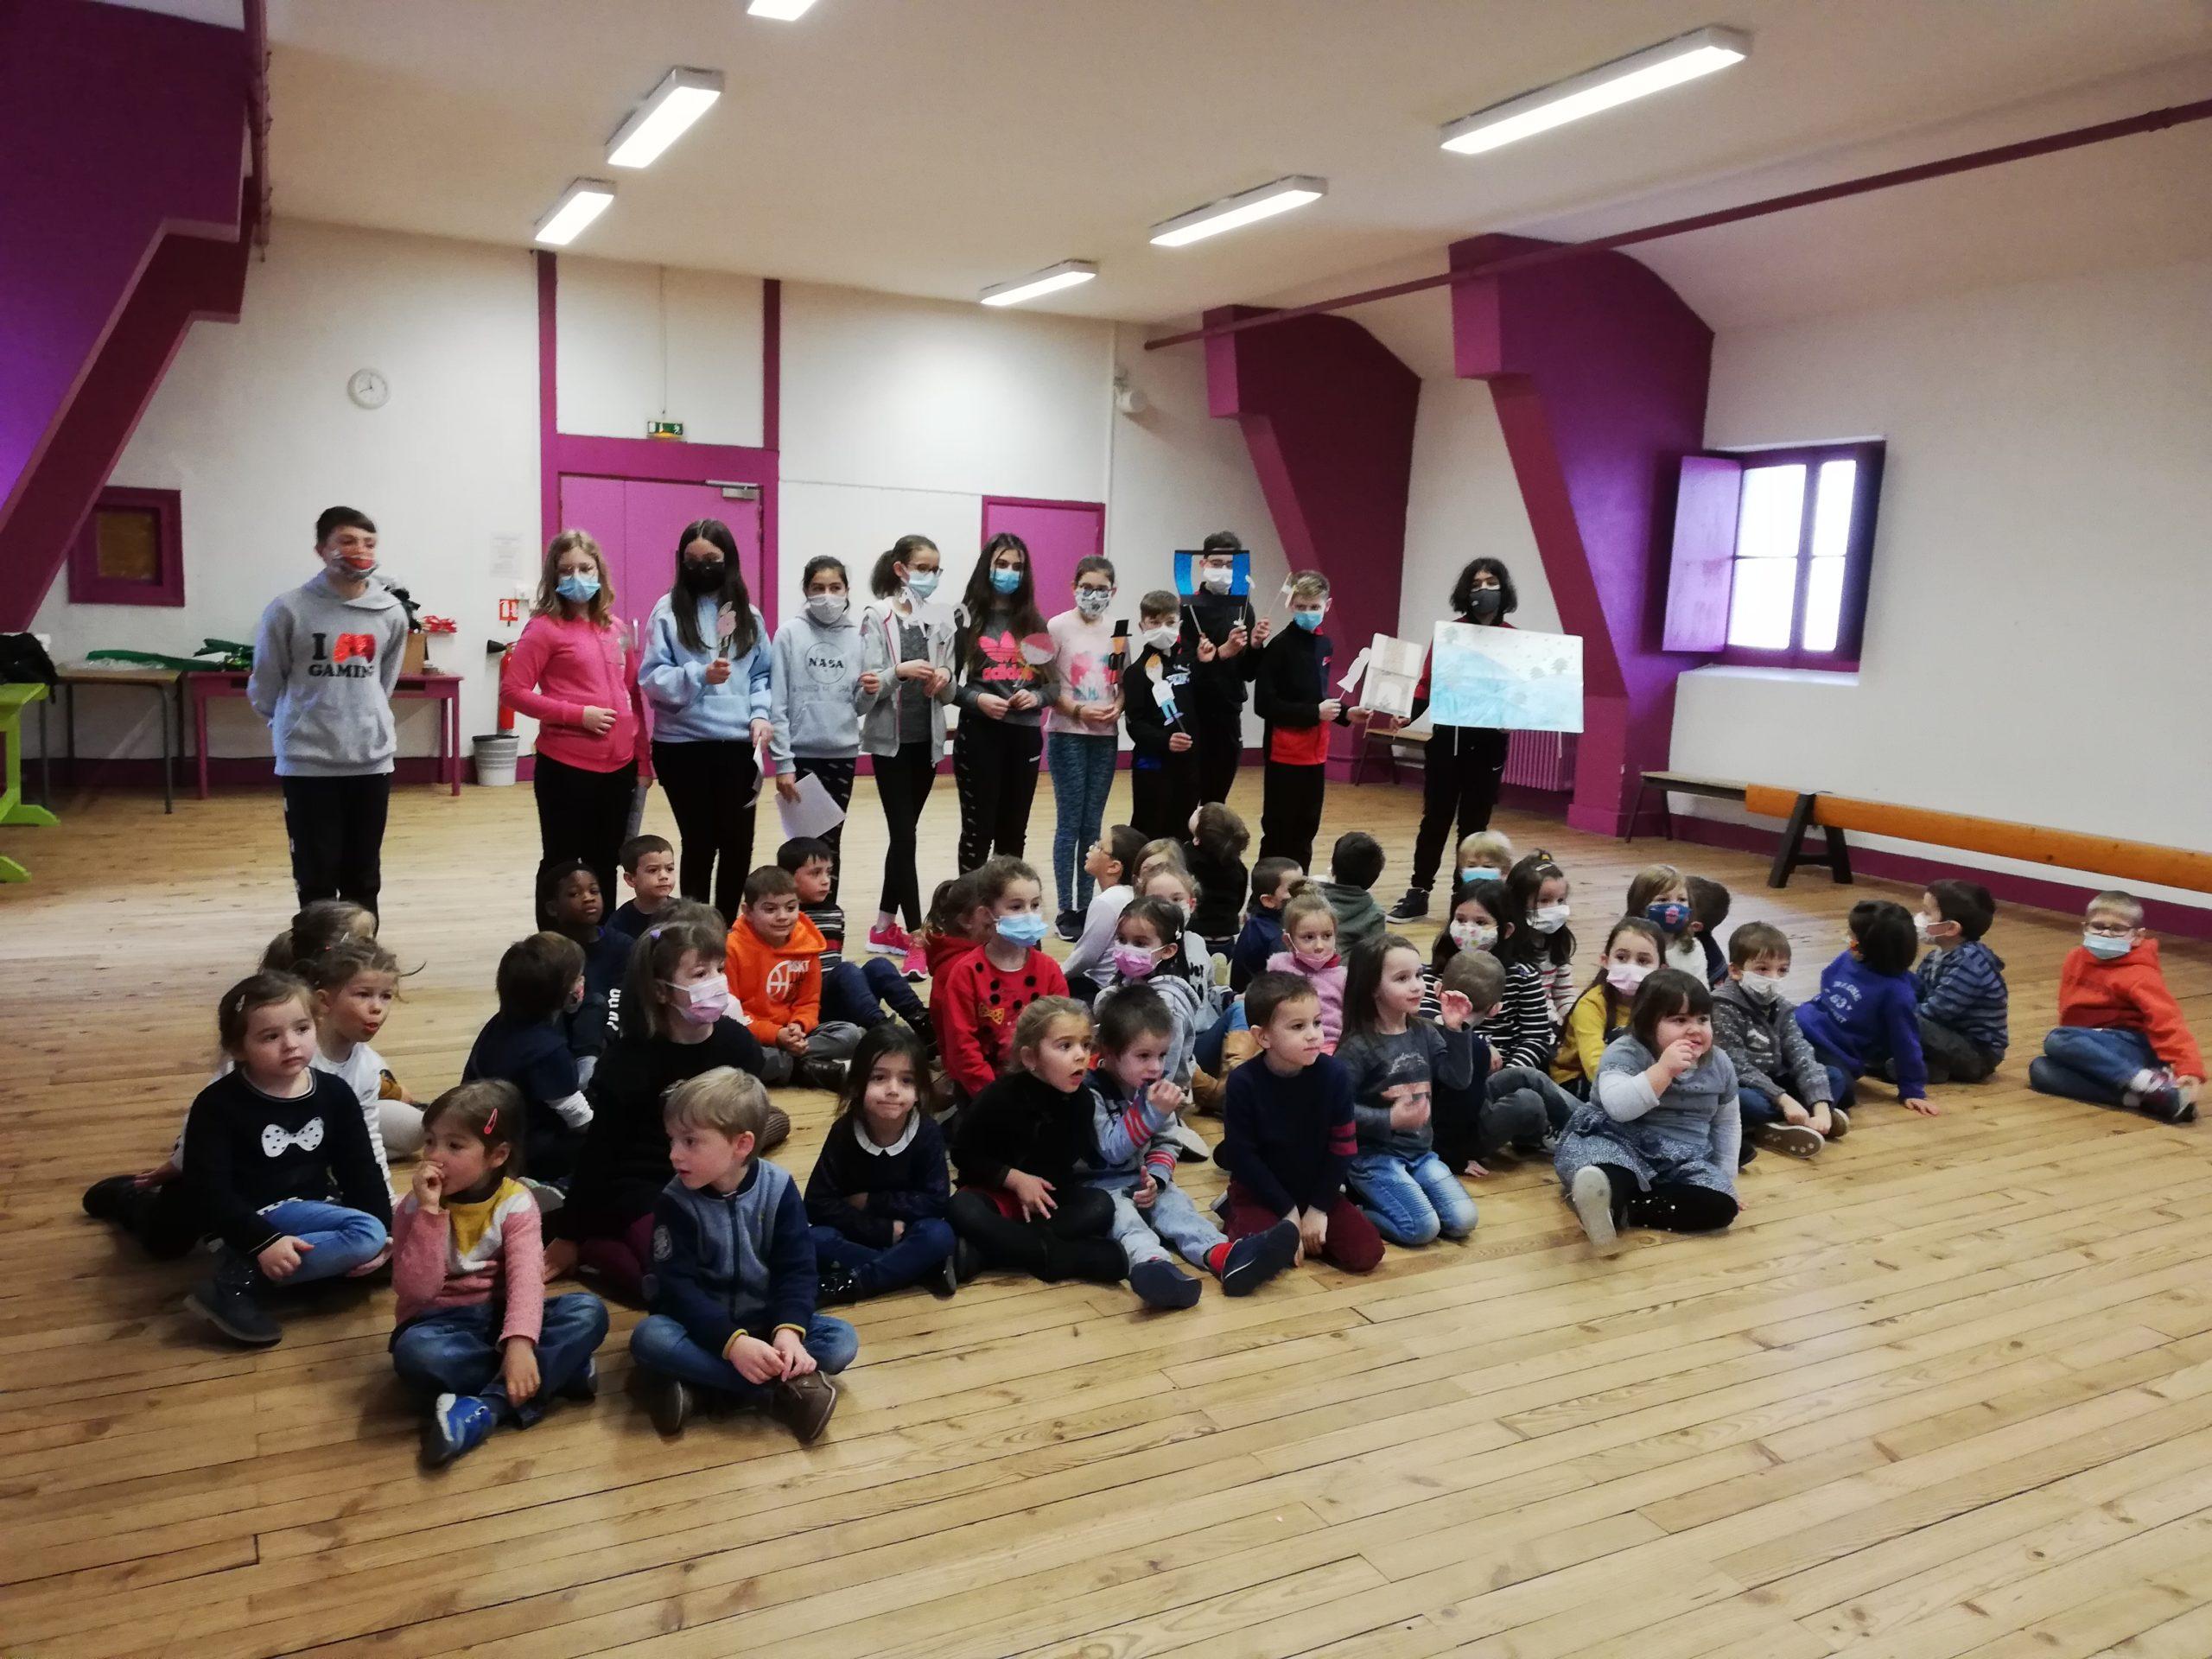 Rencontre entre écoliers et collégiens au Collège Ste Jeanne d'Arc de Thiers